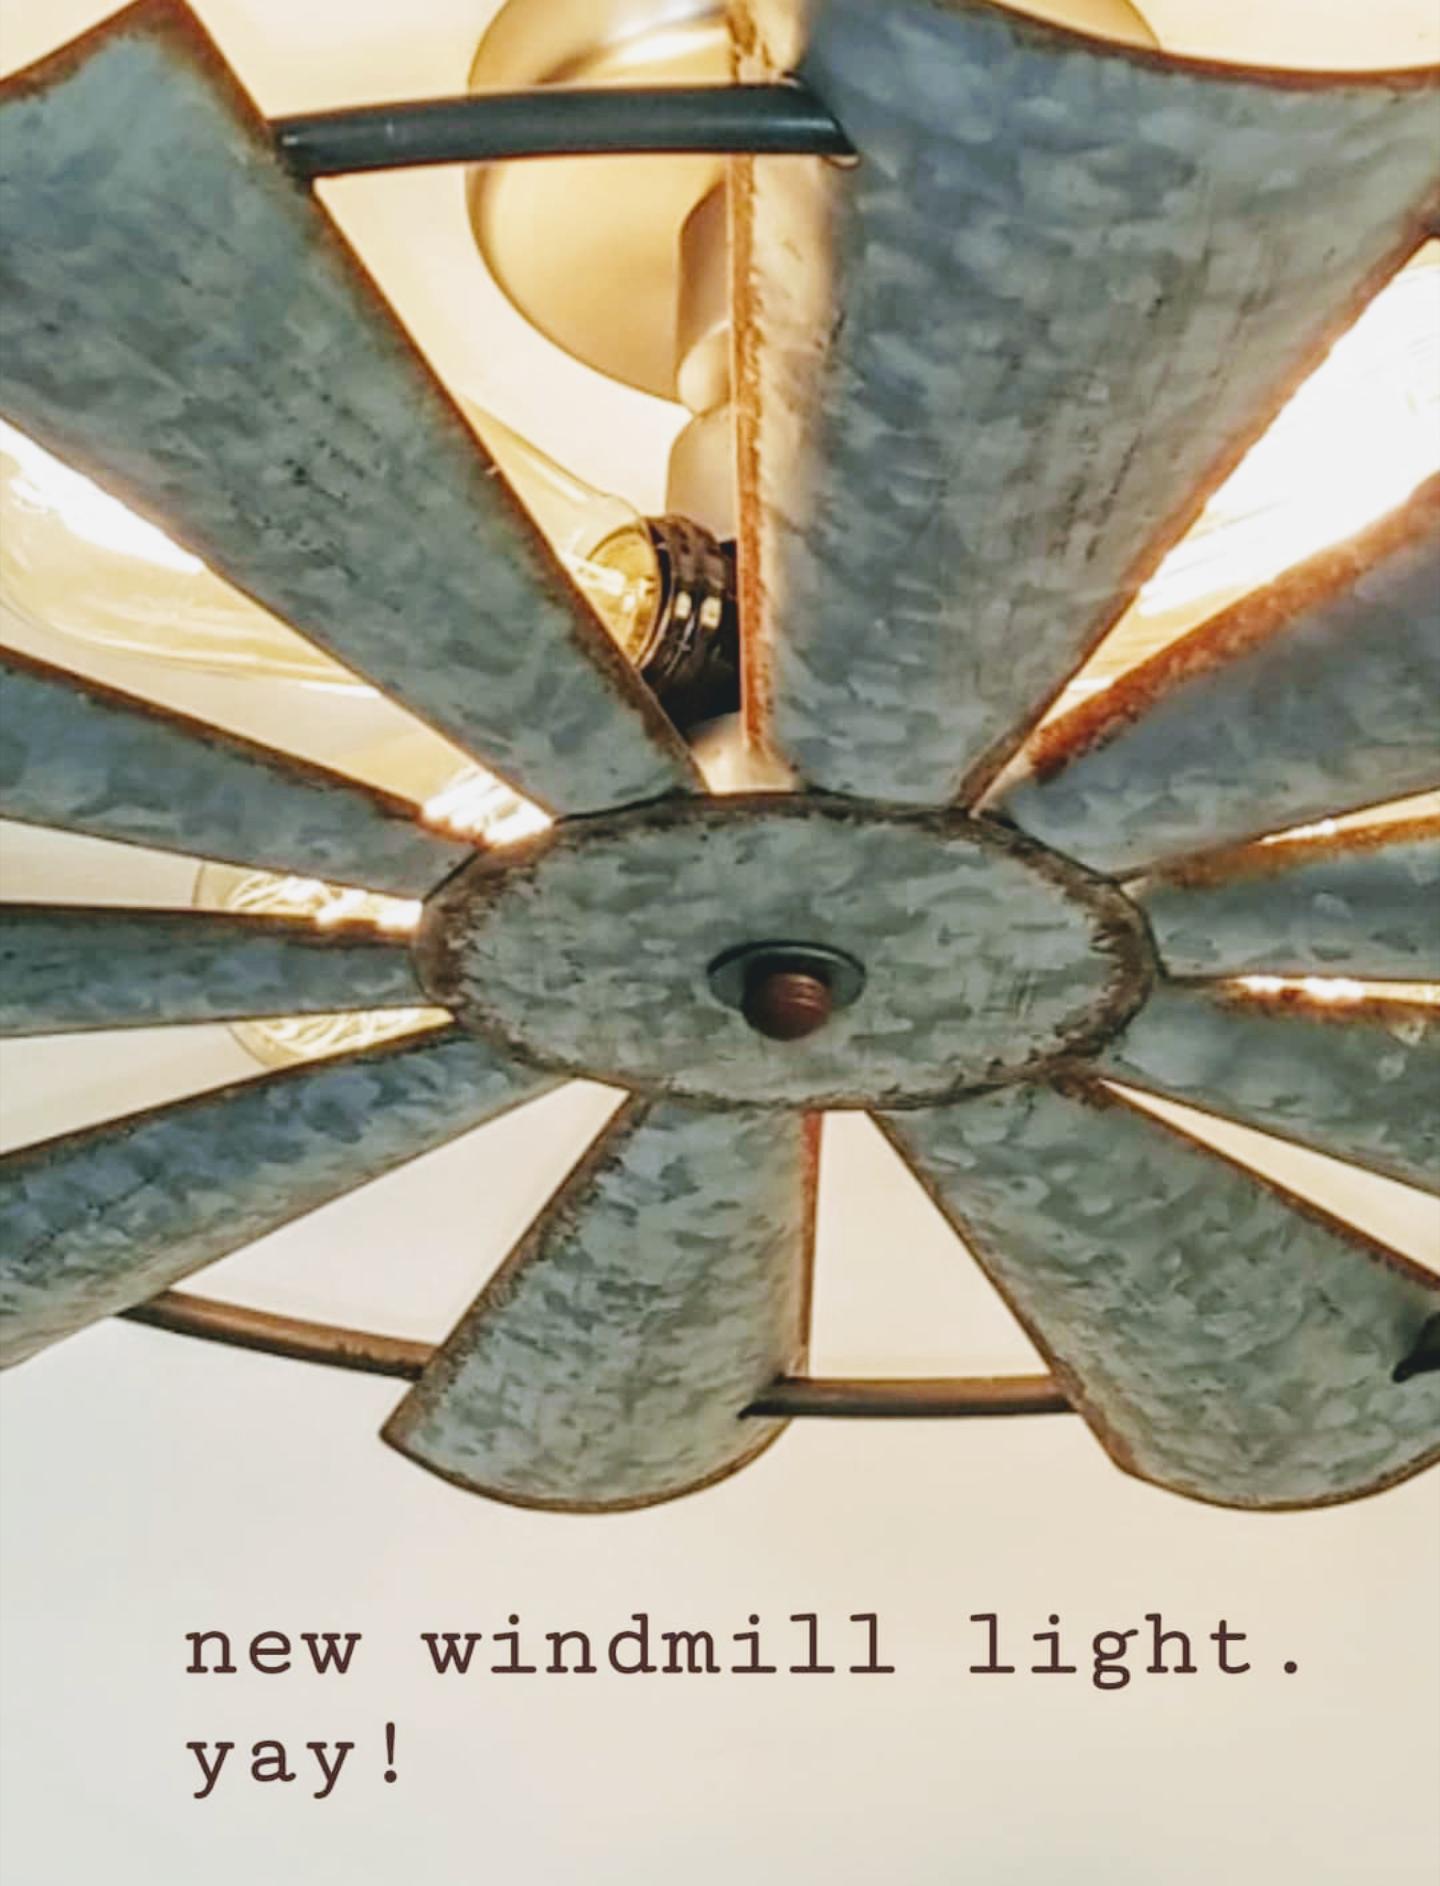 Galvanized Windmill Ceiling Light In 2020 Ceiling Lights Metal Windmill Windmill